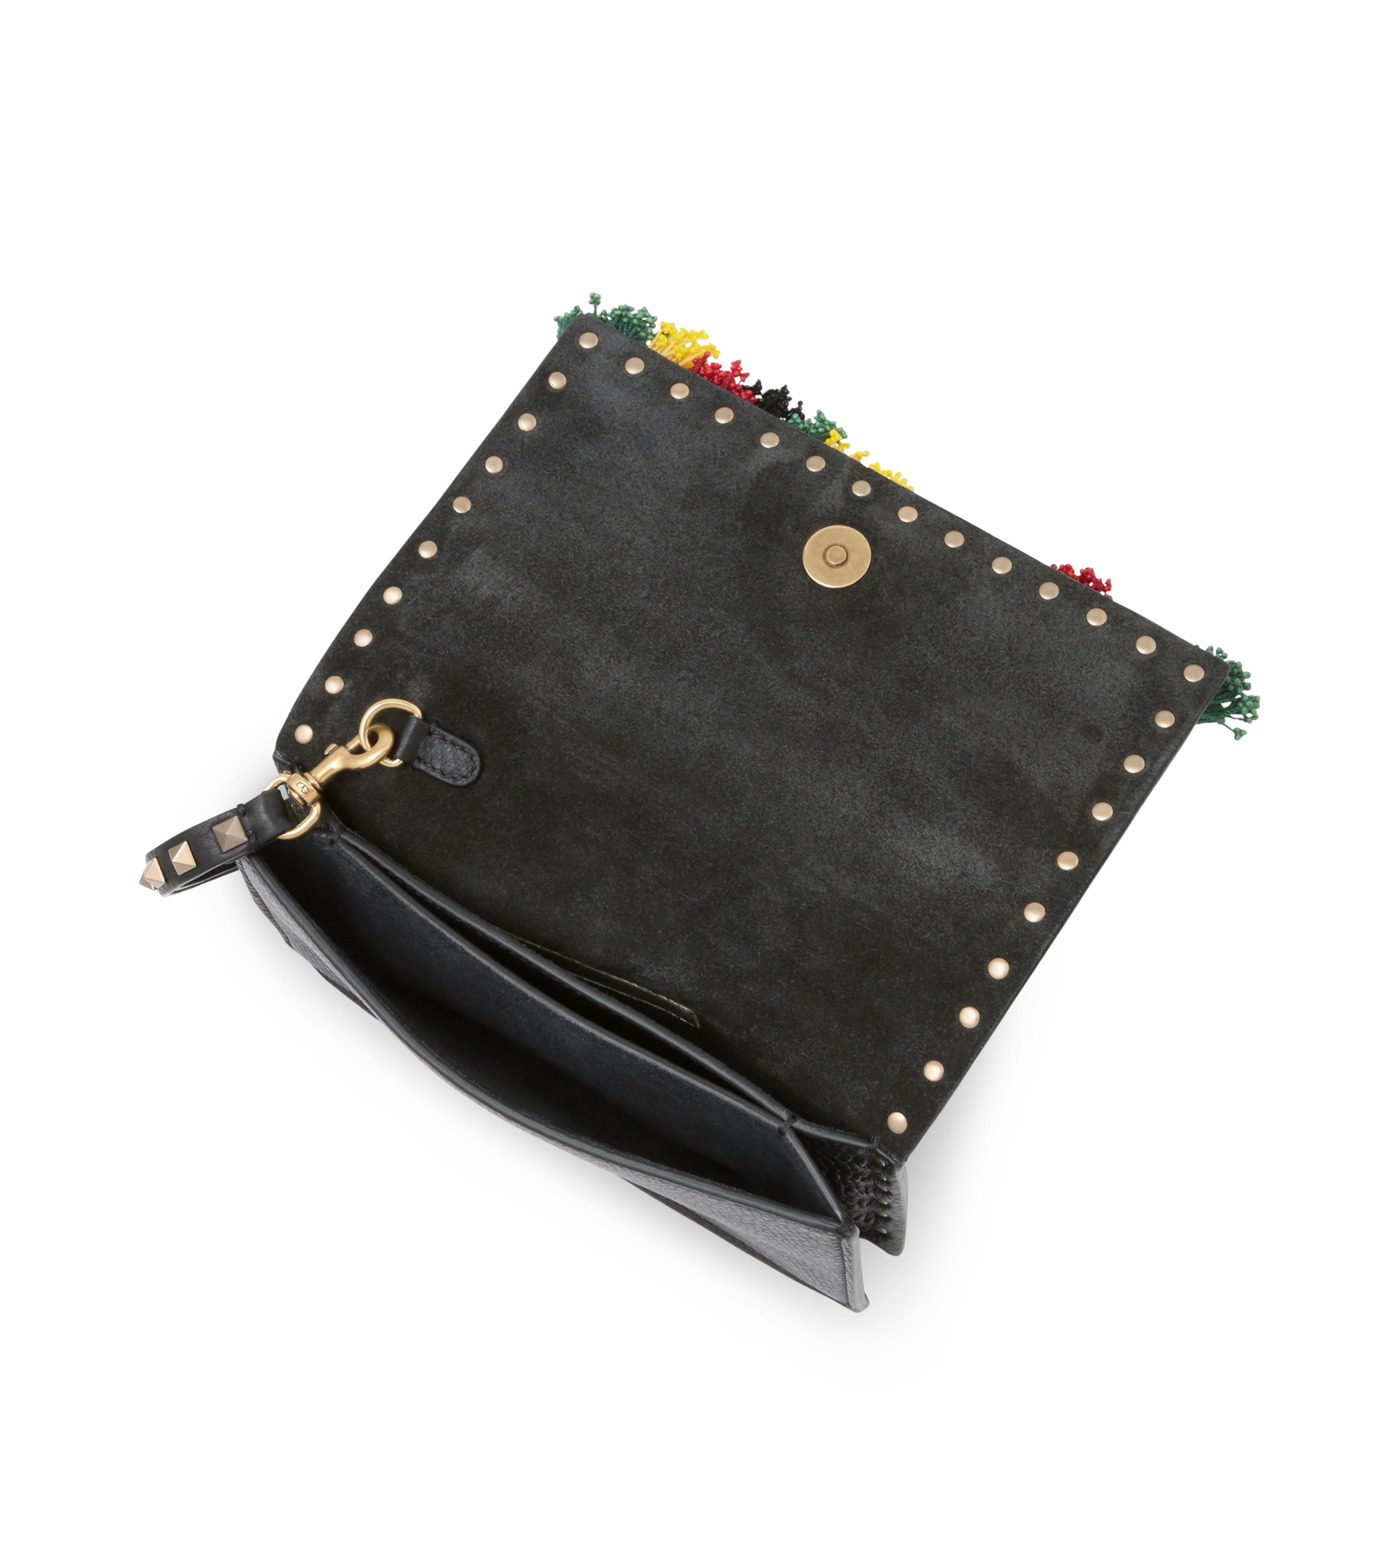 VALENTINO GARAVANI(ヴァレンティノ ガラヴァーニ)のClutch Beaded-BLACK(クラッチバッグ/clutch bag)-LW2B0960WRF-13 拡大詳細画像4